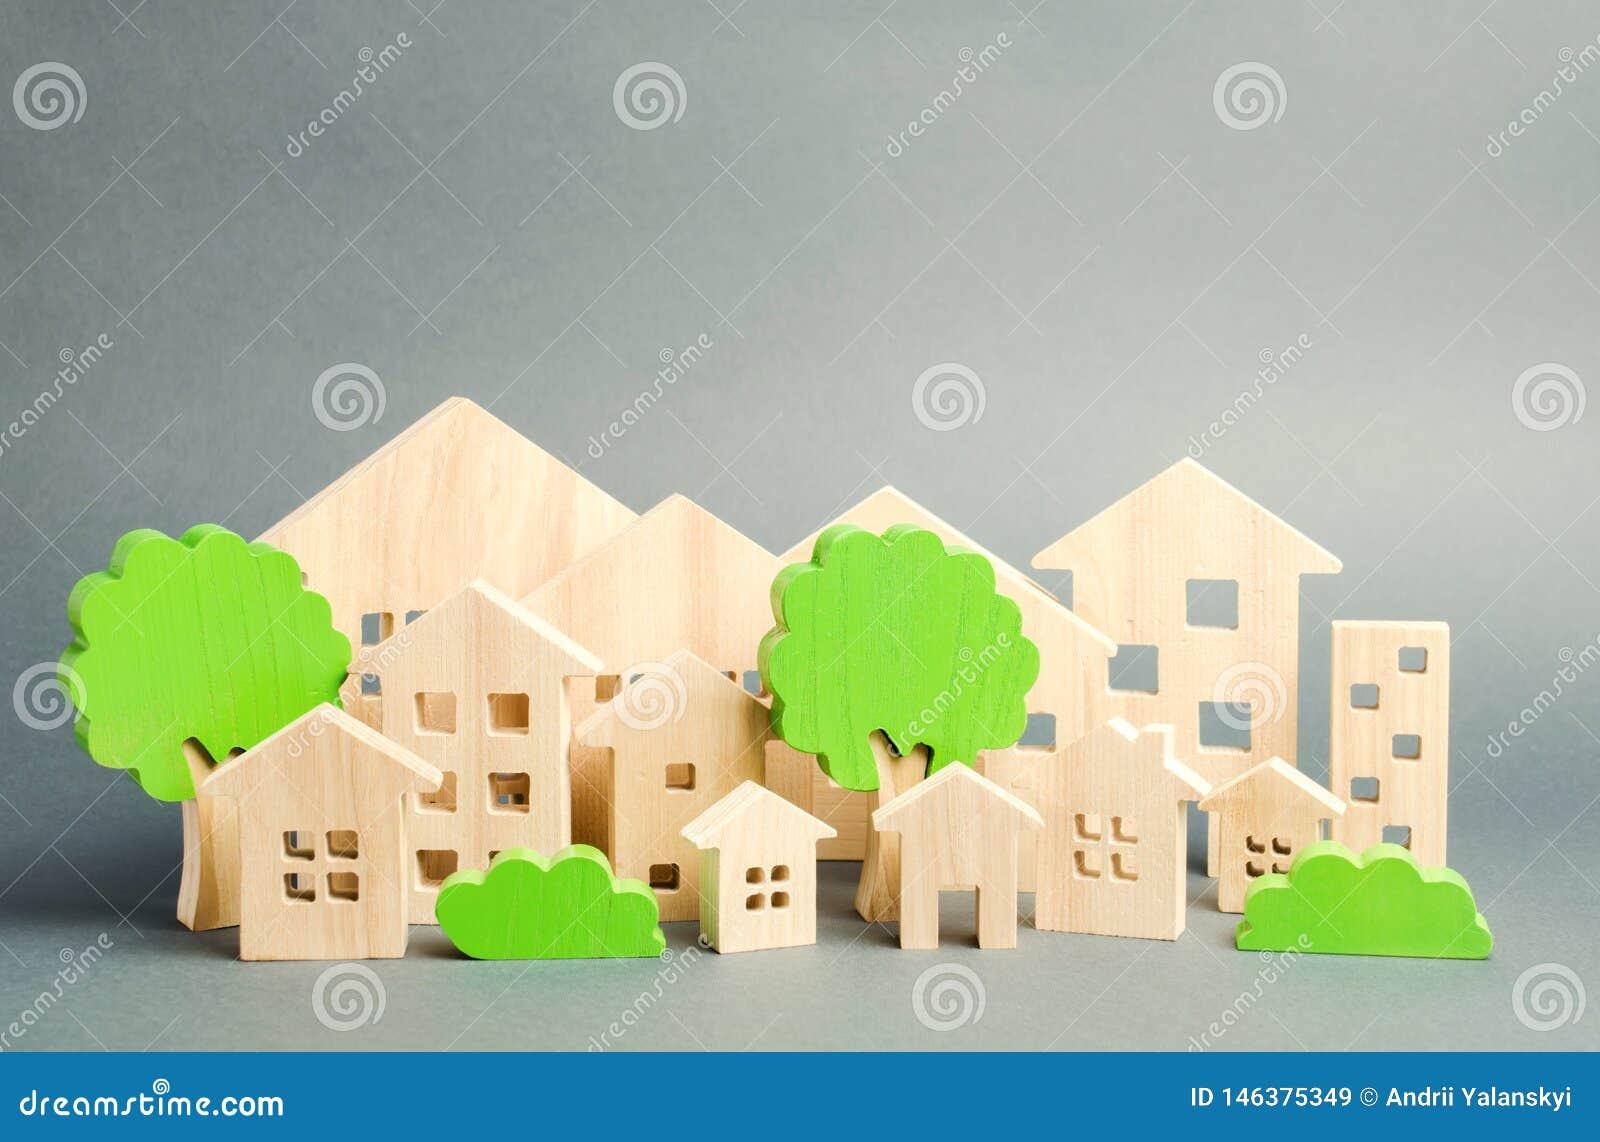 Miniatyrträleksakhus och träd verkligt begreppsgods Arkitektur i staden infrastruktur som man har r?d med hus